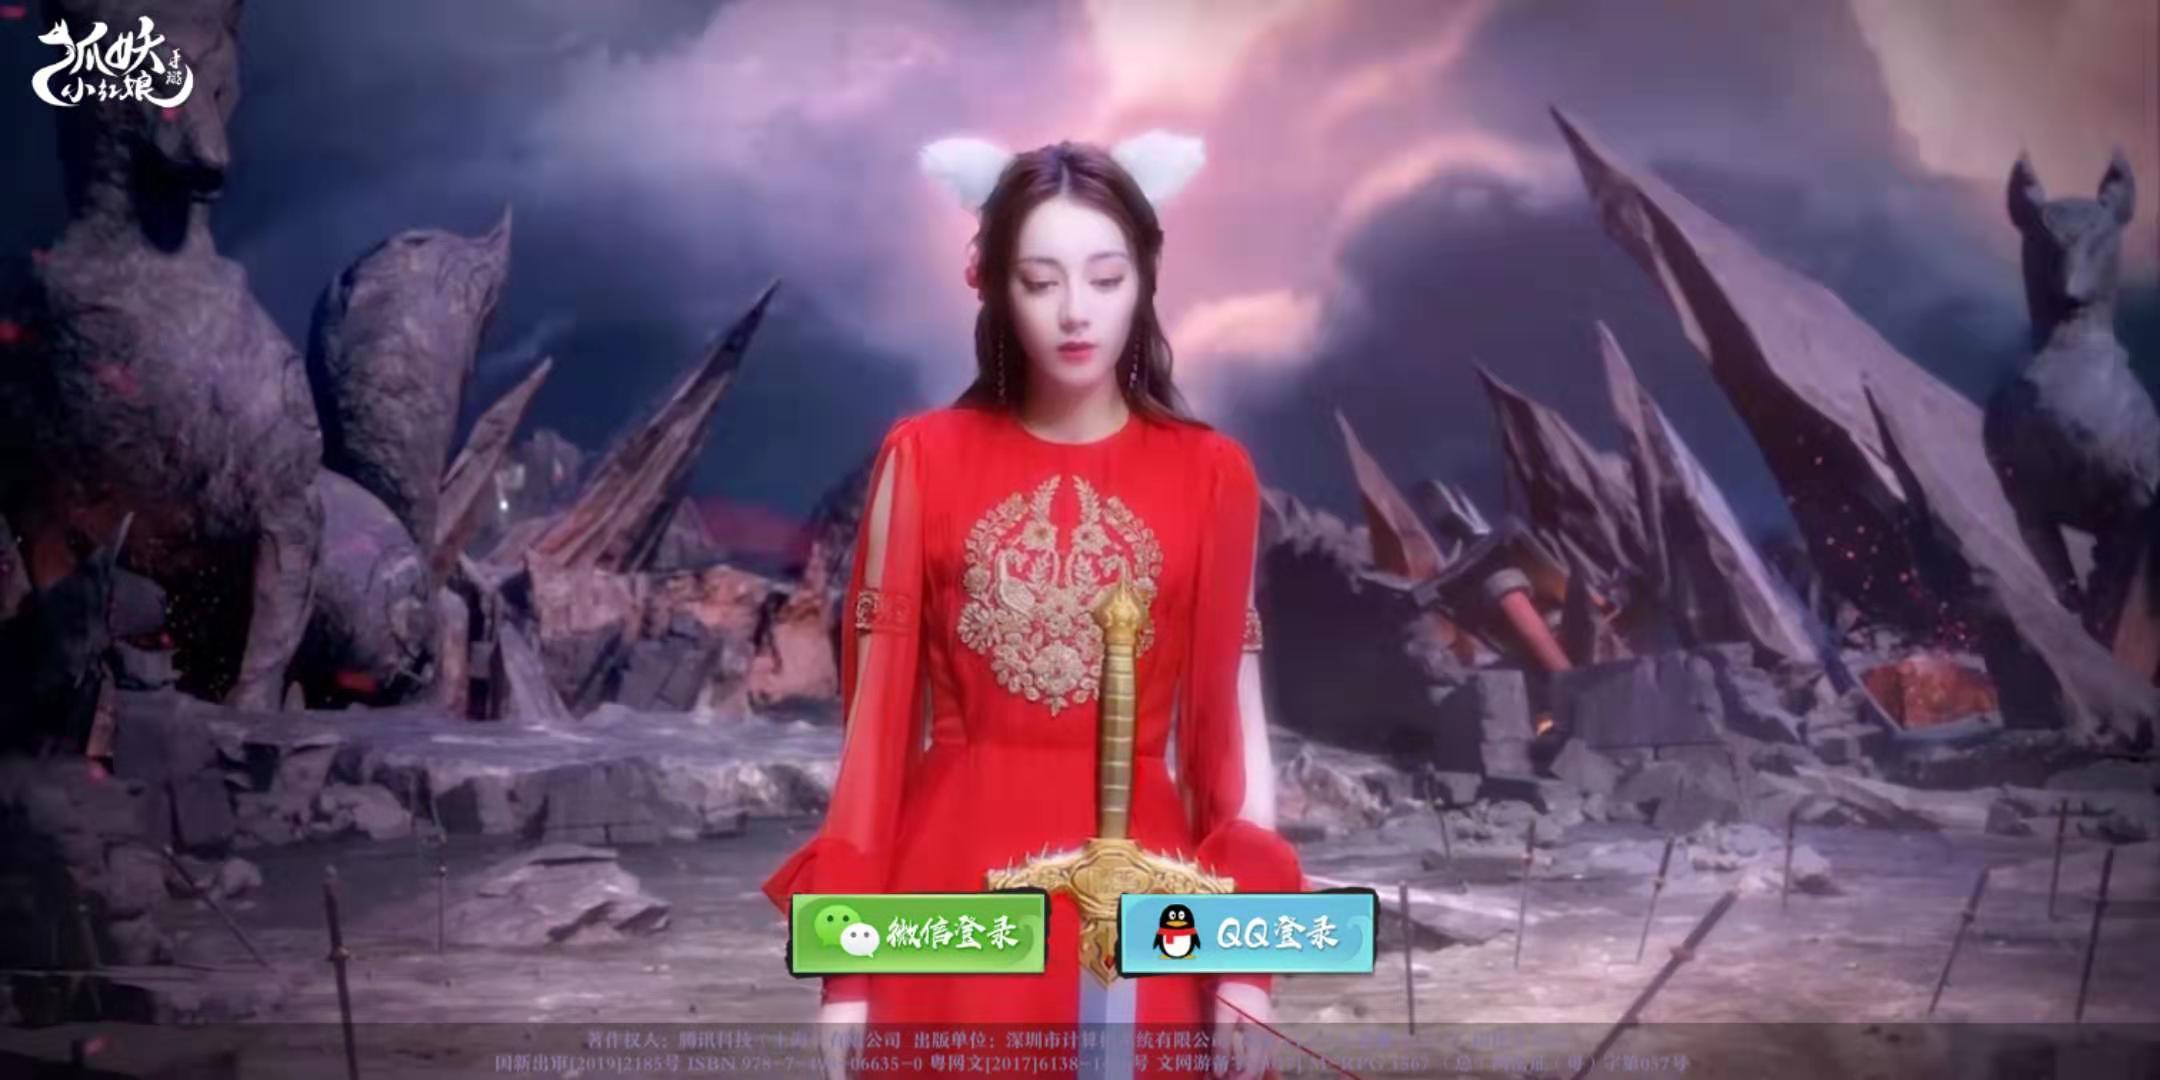 狐妖小红娘腾讯手游app,拉新赚赏金奖励提现秒到 网络赚钱 第1张